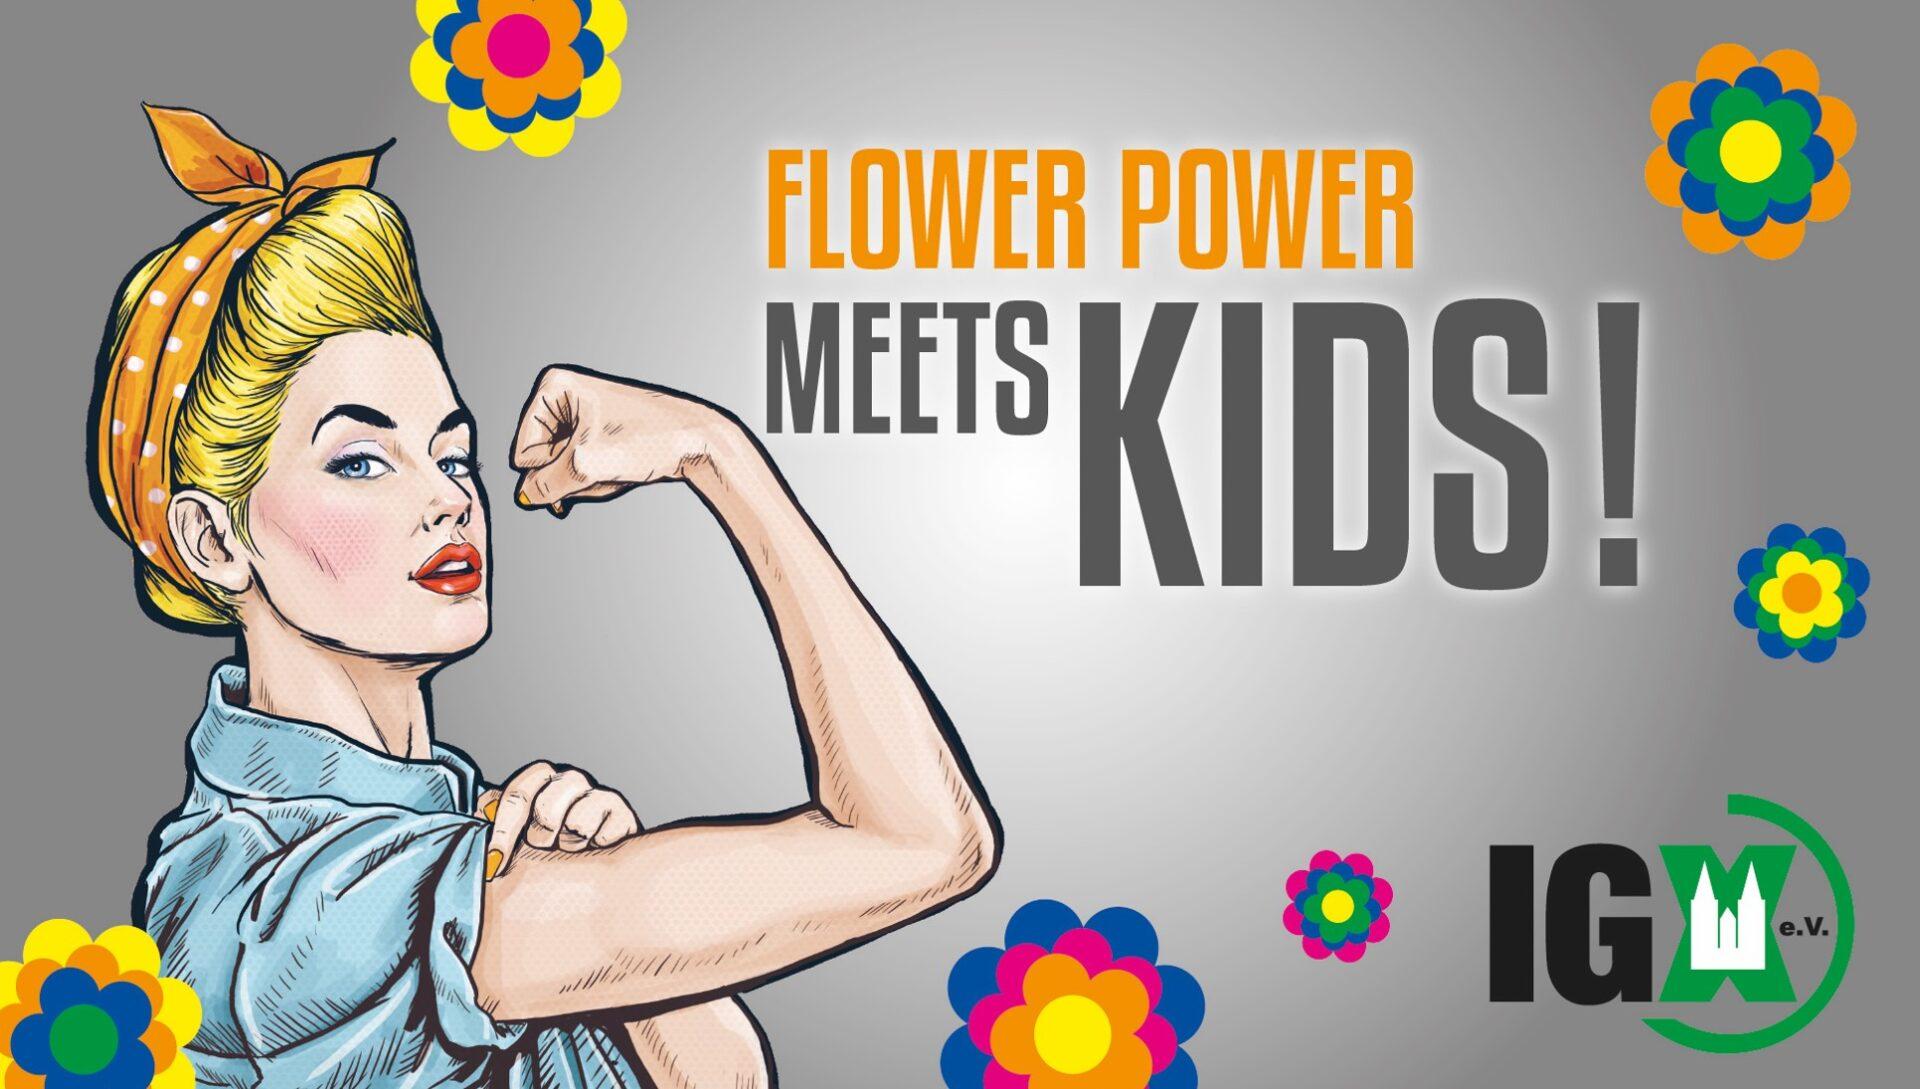 FLOWER POWER ...MEETS KIDS